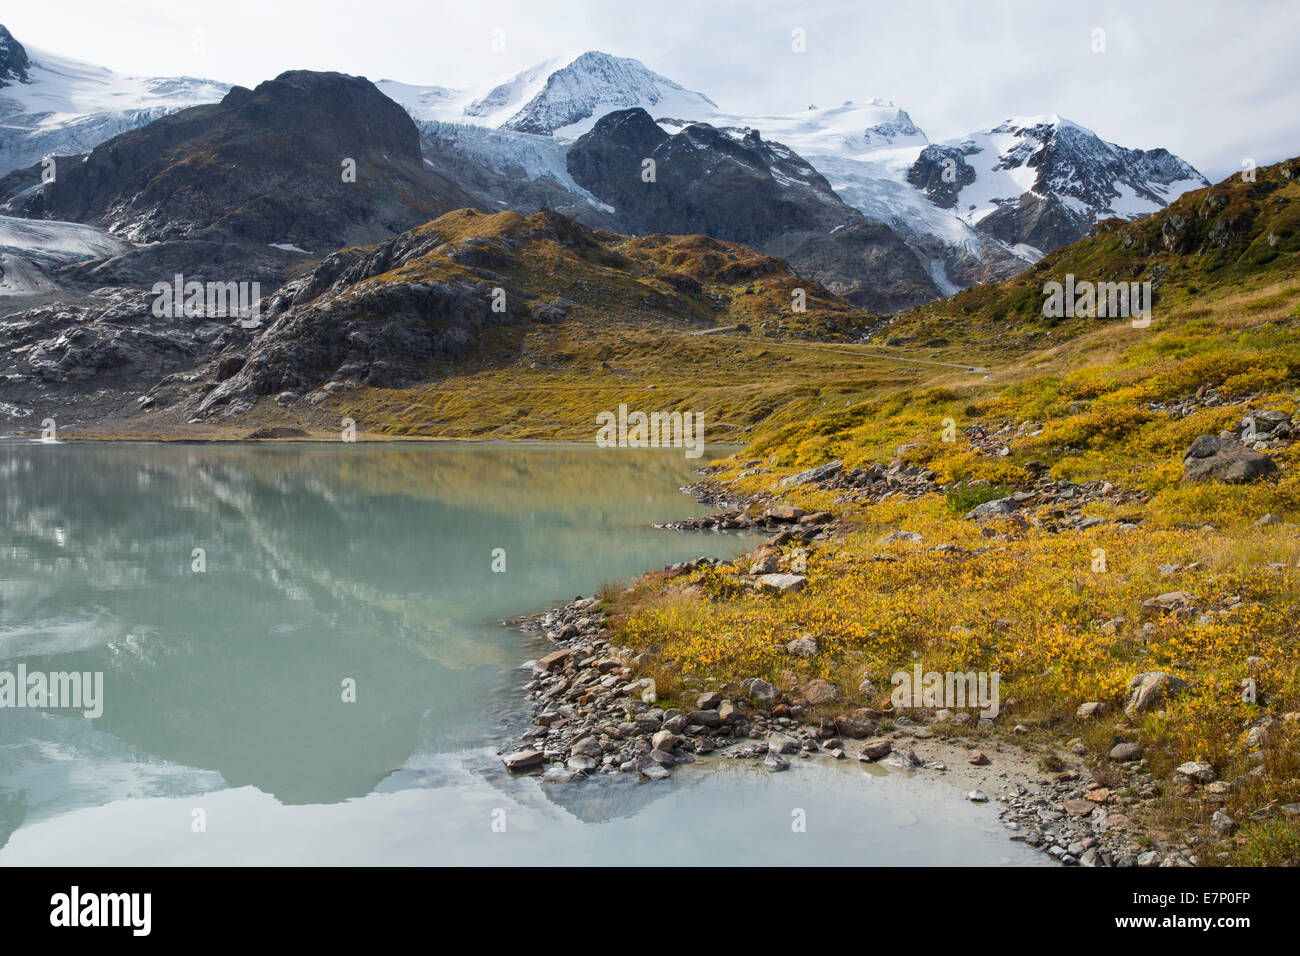 See-Stein, Steinsee, Gwächtenhorn, Tierberg, Sustenpass, Wolken, Wolke, Berg, Berge, Bergsee, Gletscher, Eis, Stockbild